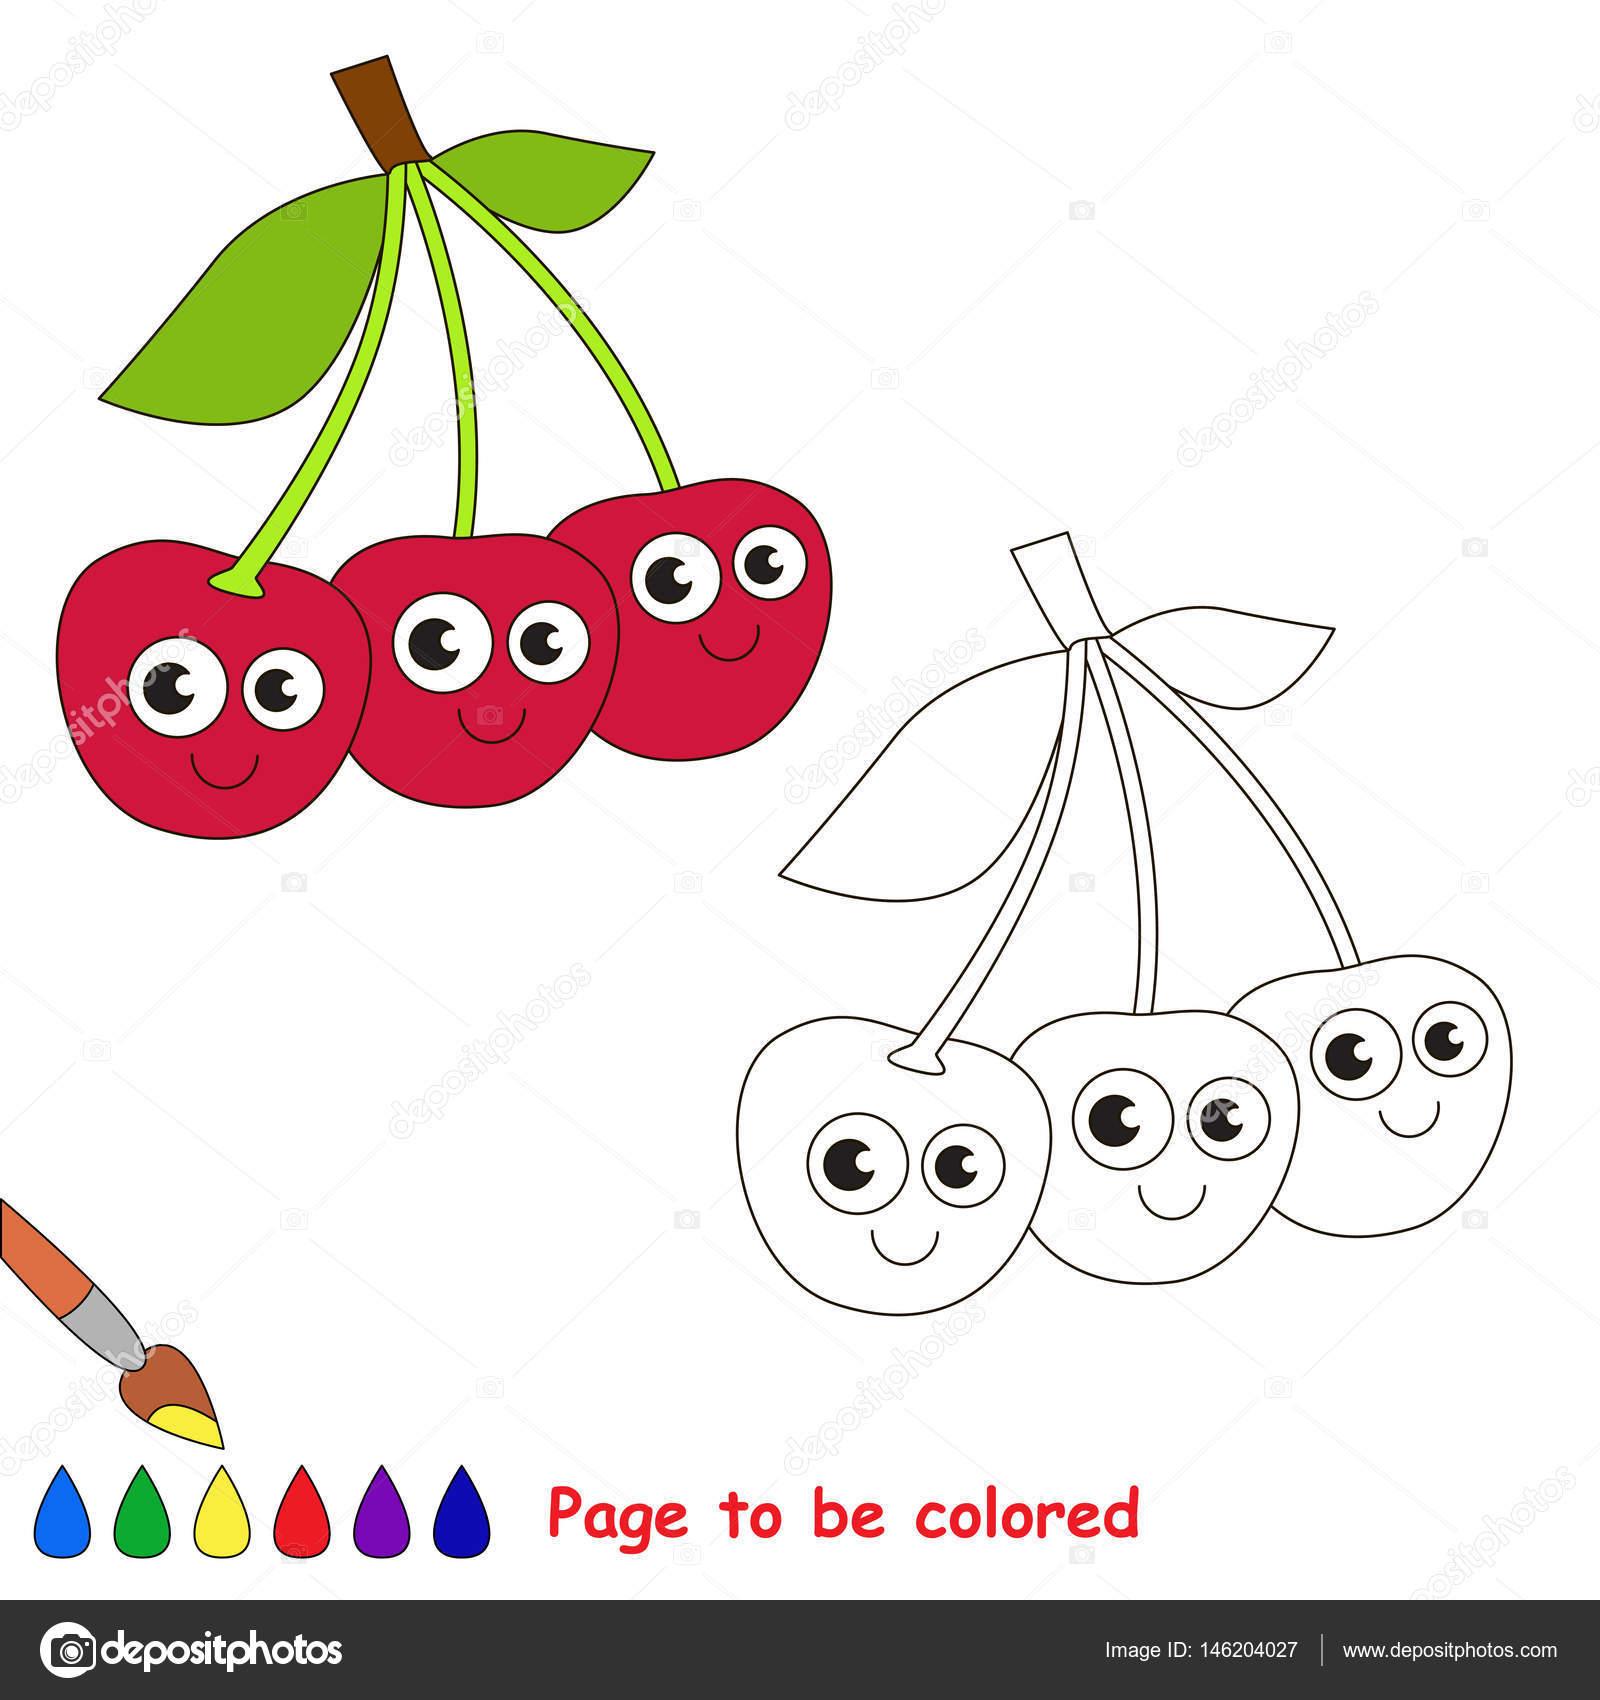 üç Sevimli Kiraz Karikatür Renkli Sayfa Stok Vektör